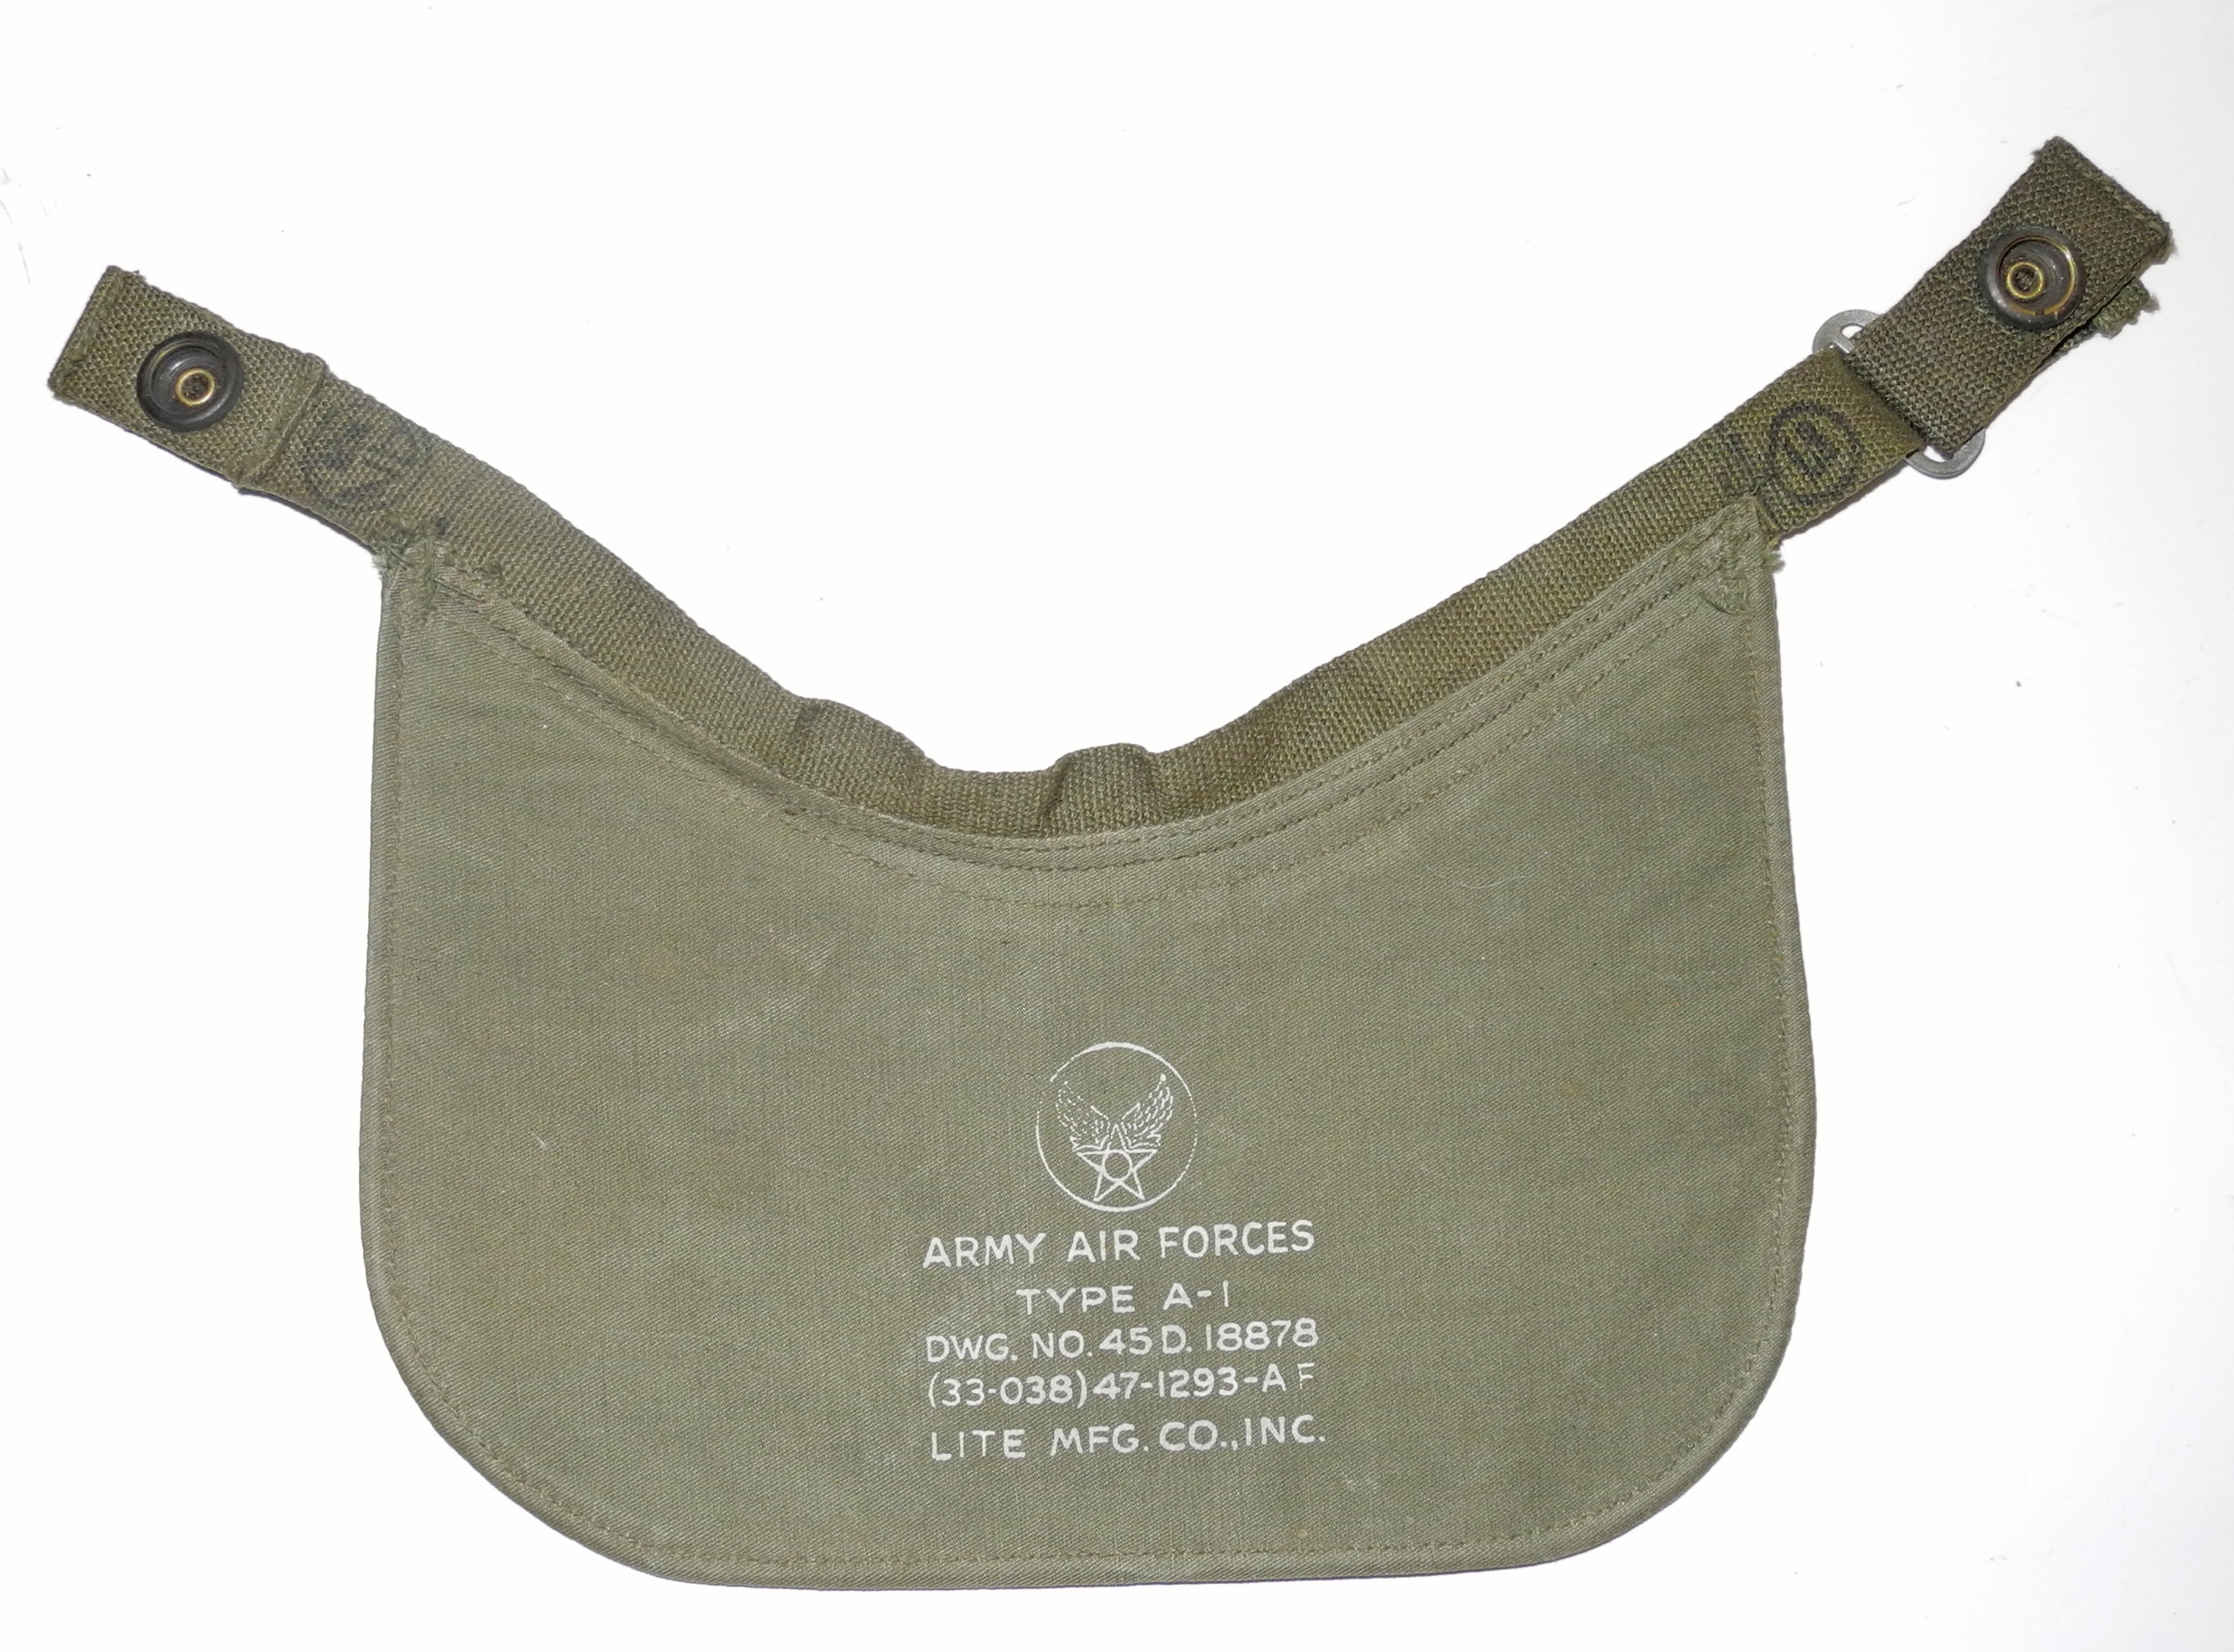 AAF A-11 helmet with A-1 visor